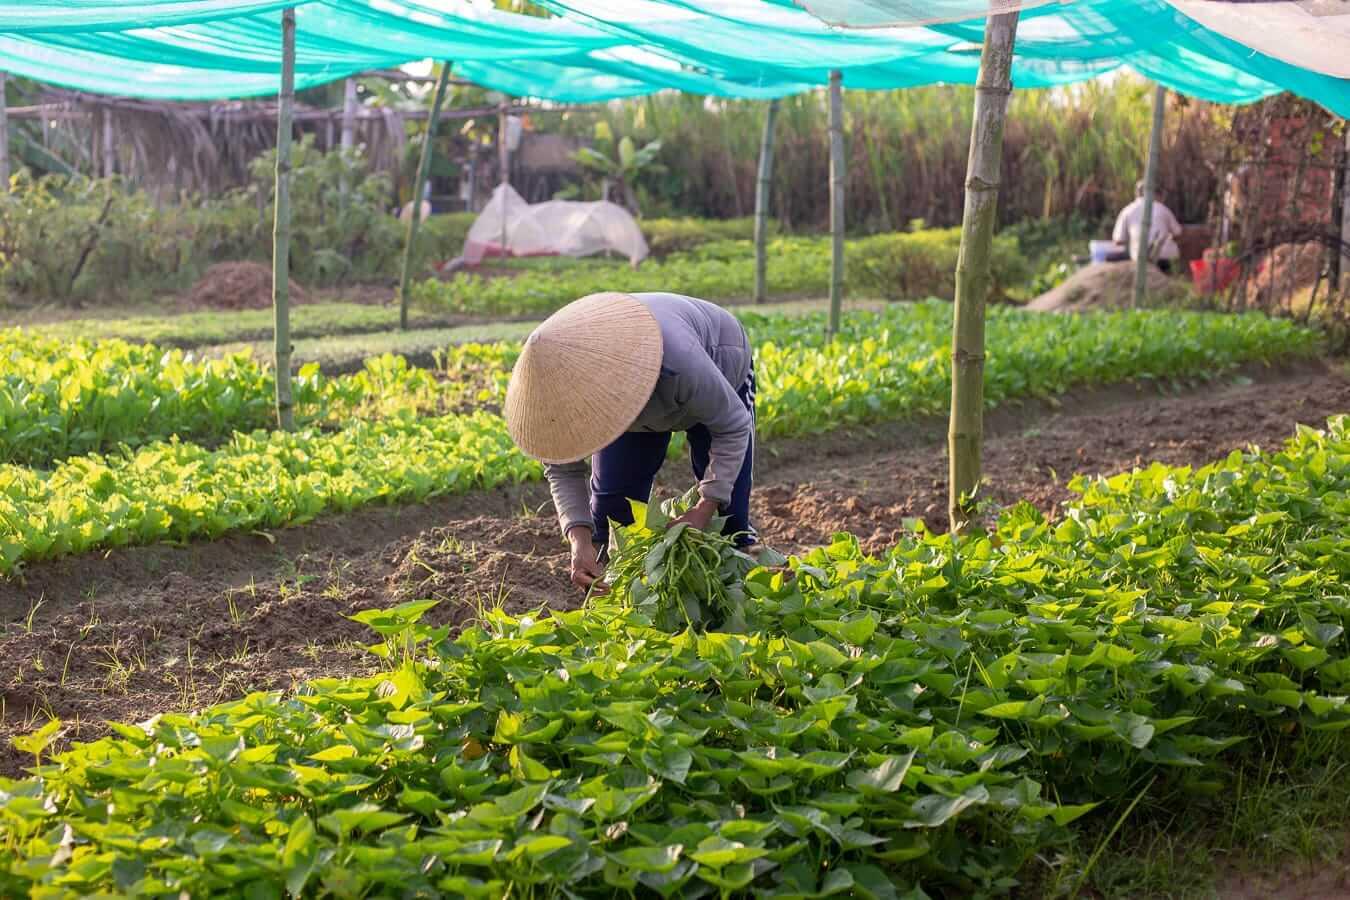 Crop of salad leaves: Vietnamese food